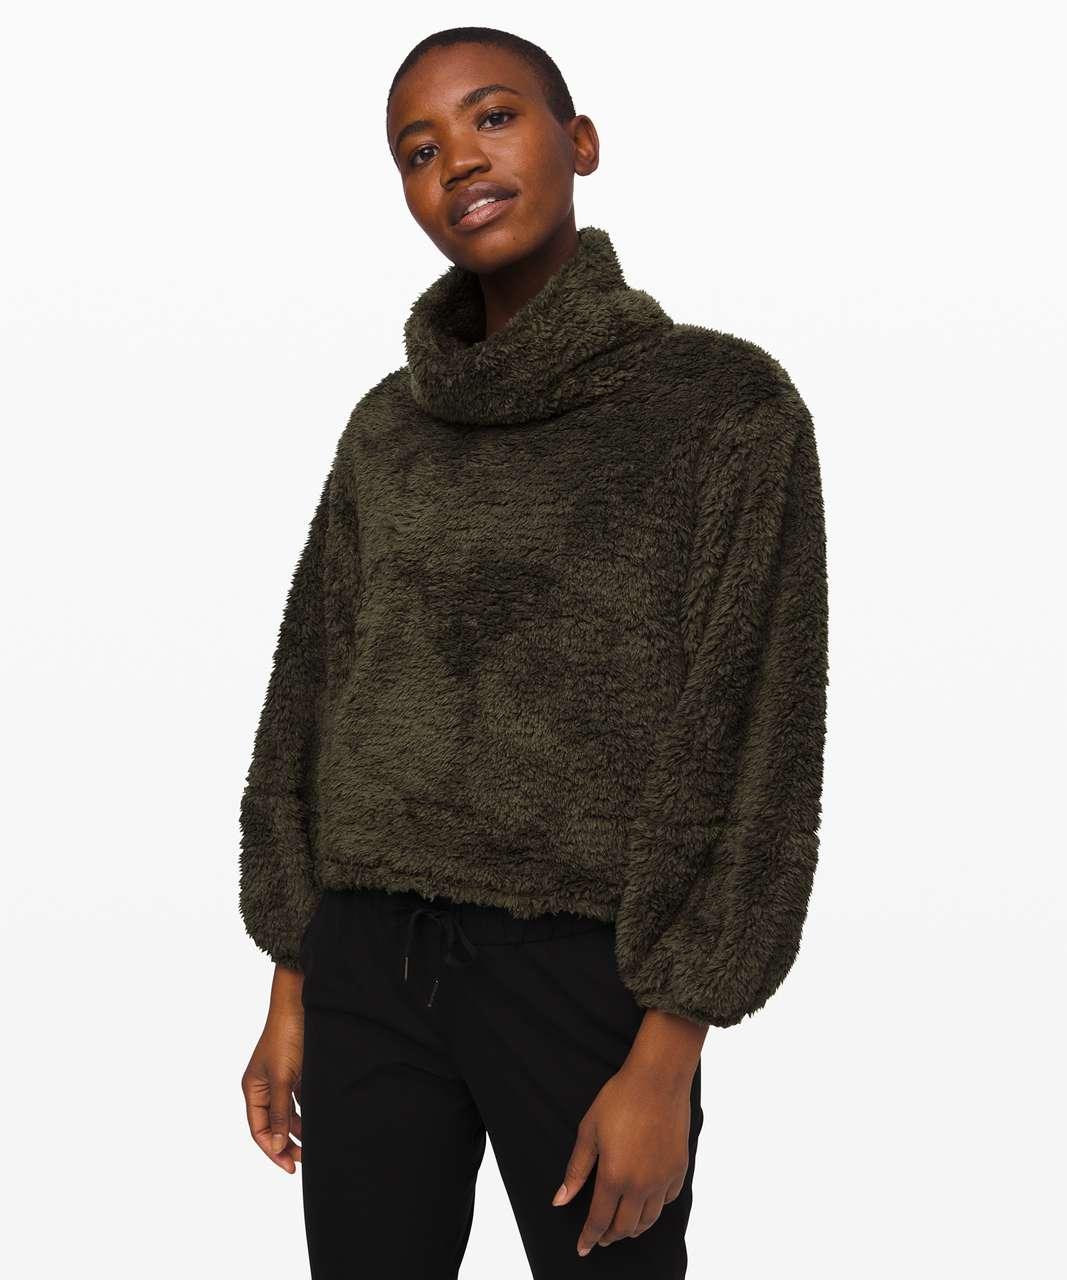 Lululemon Warmth Restore Sherpa Pullover - Dark Olive